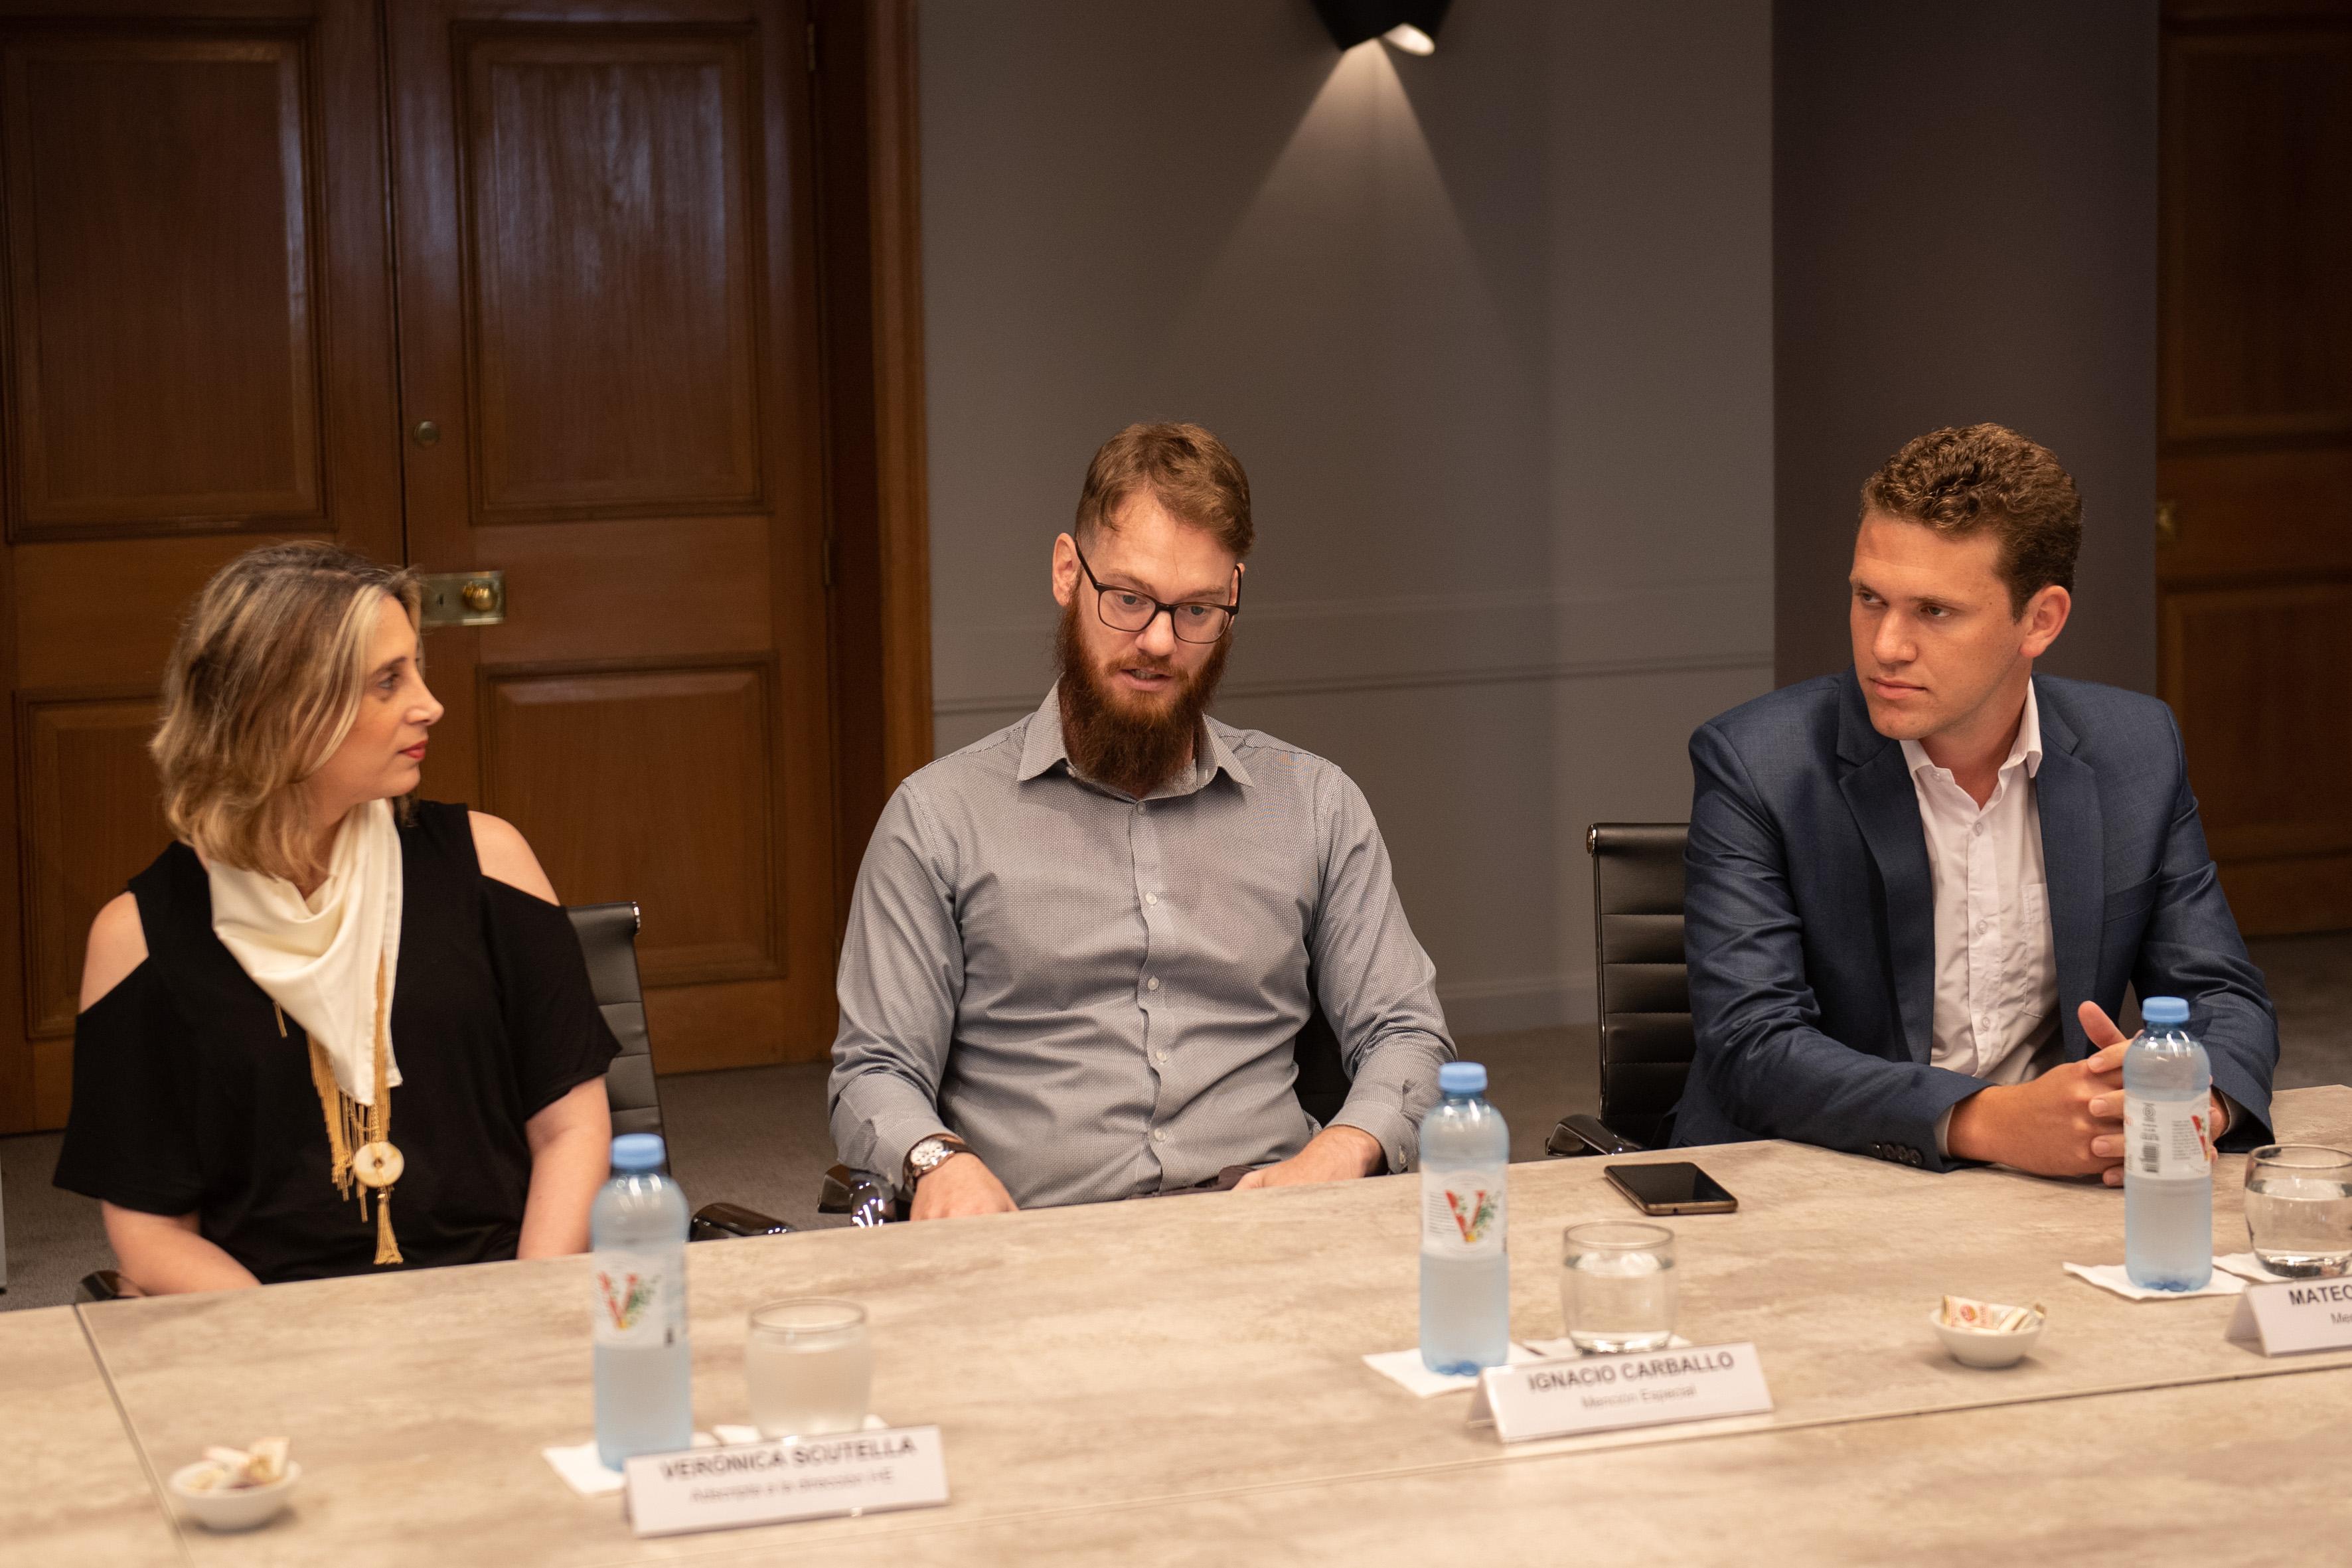 Verónica Scutella, adscrpta a la Dirección del I+E, Ignacio Esteban Carballo y Mateo Bartolini